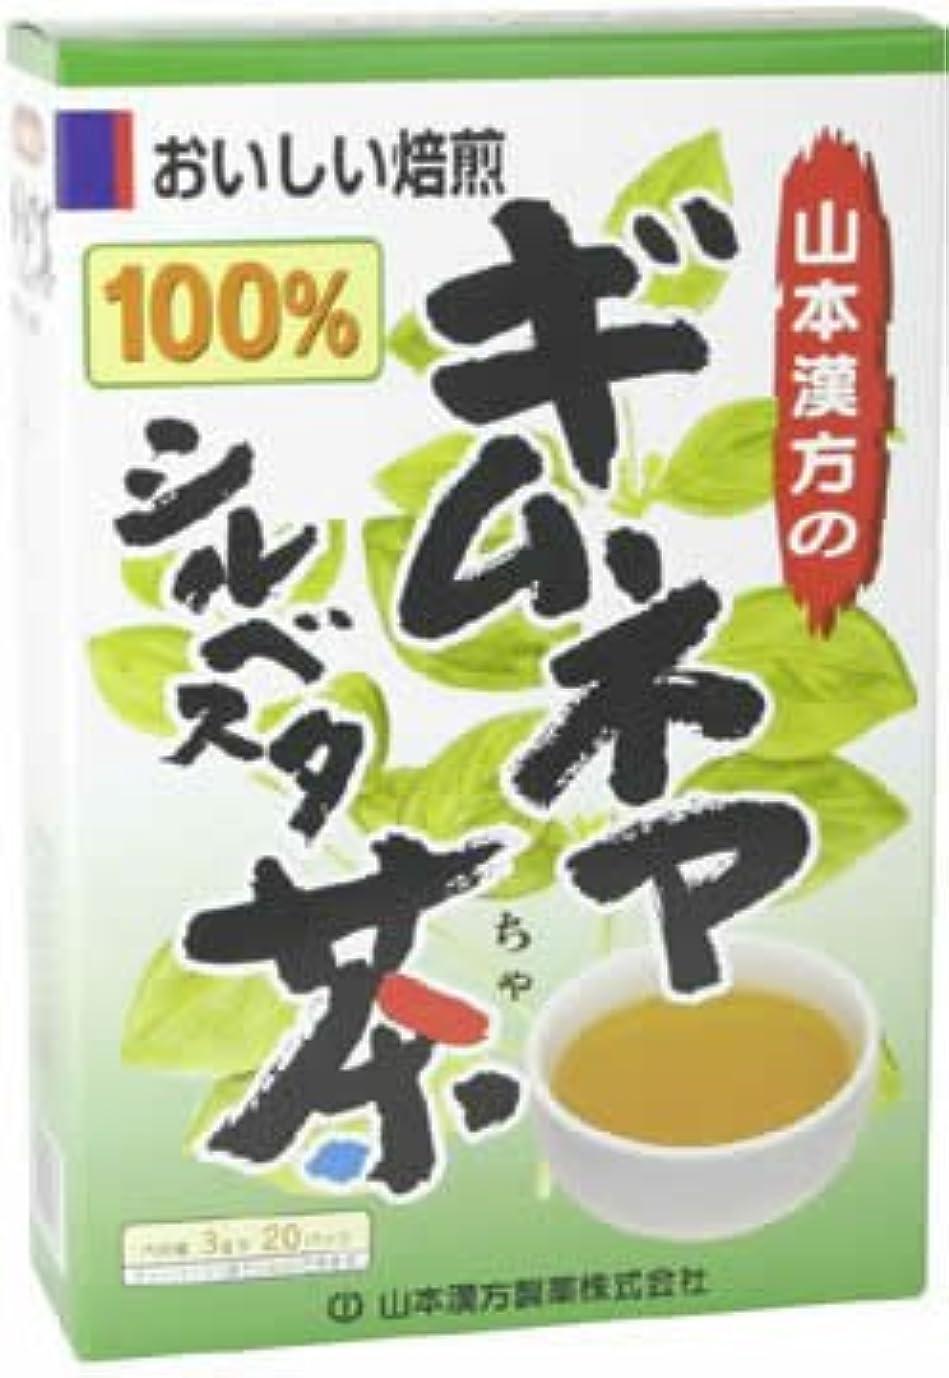 アナリスト行為砦山本漢方製薬 ギムネマシルベスタ茶100% 3gX20H